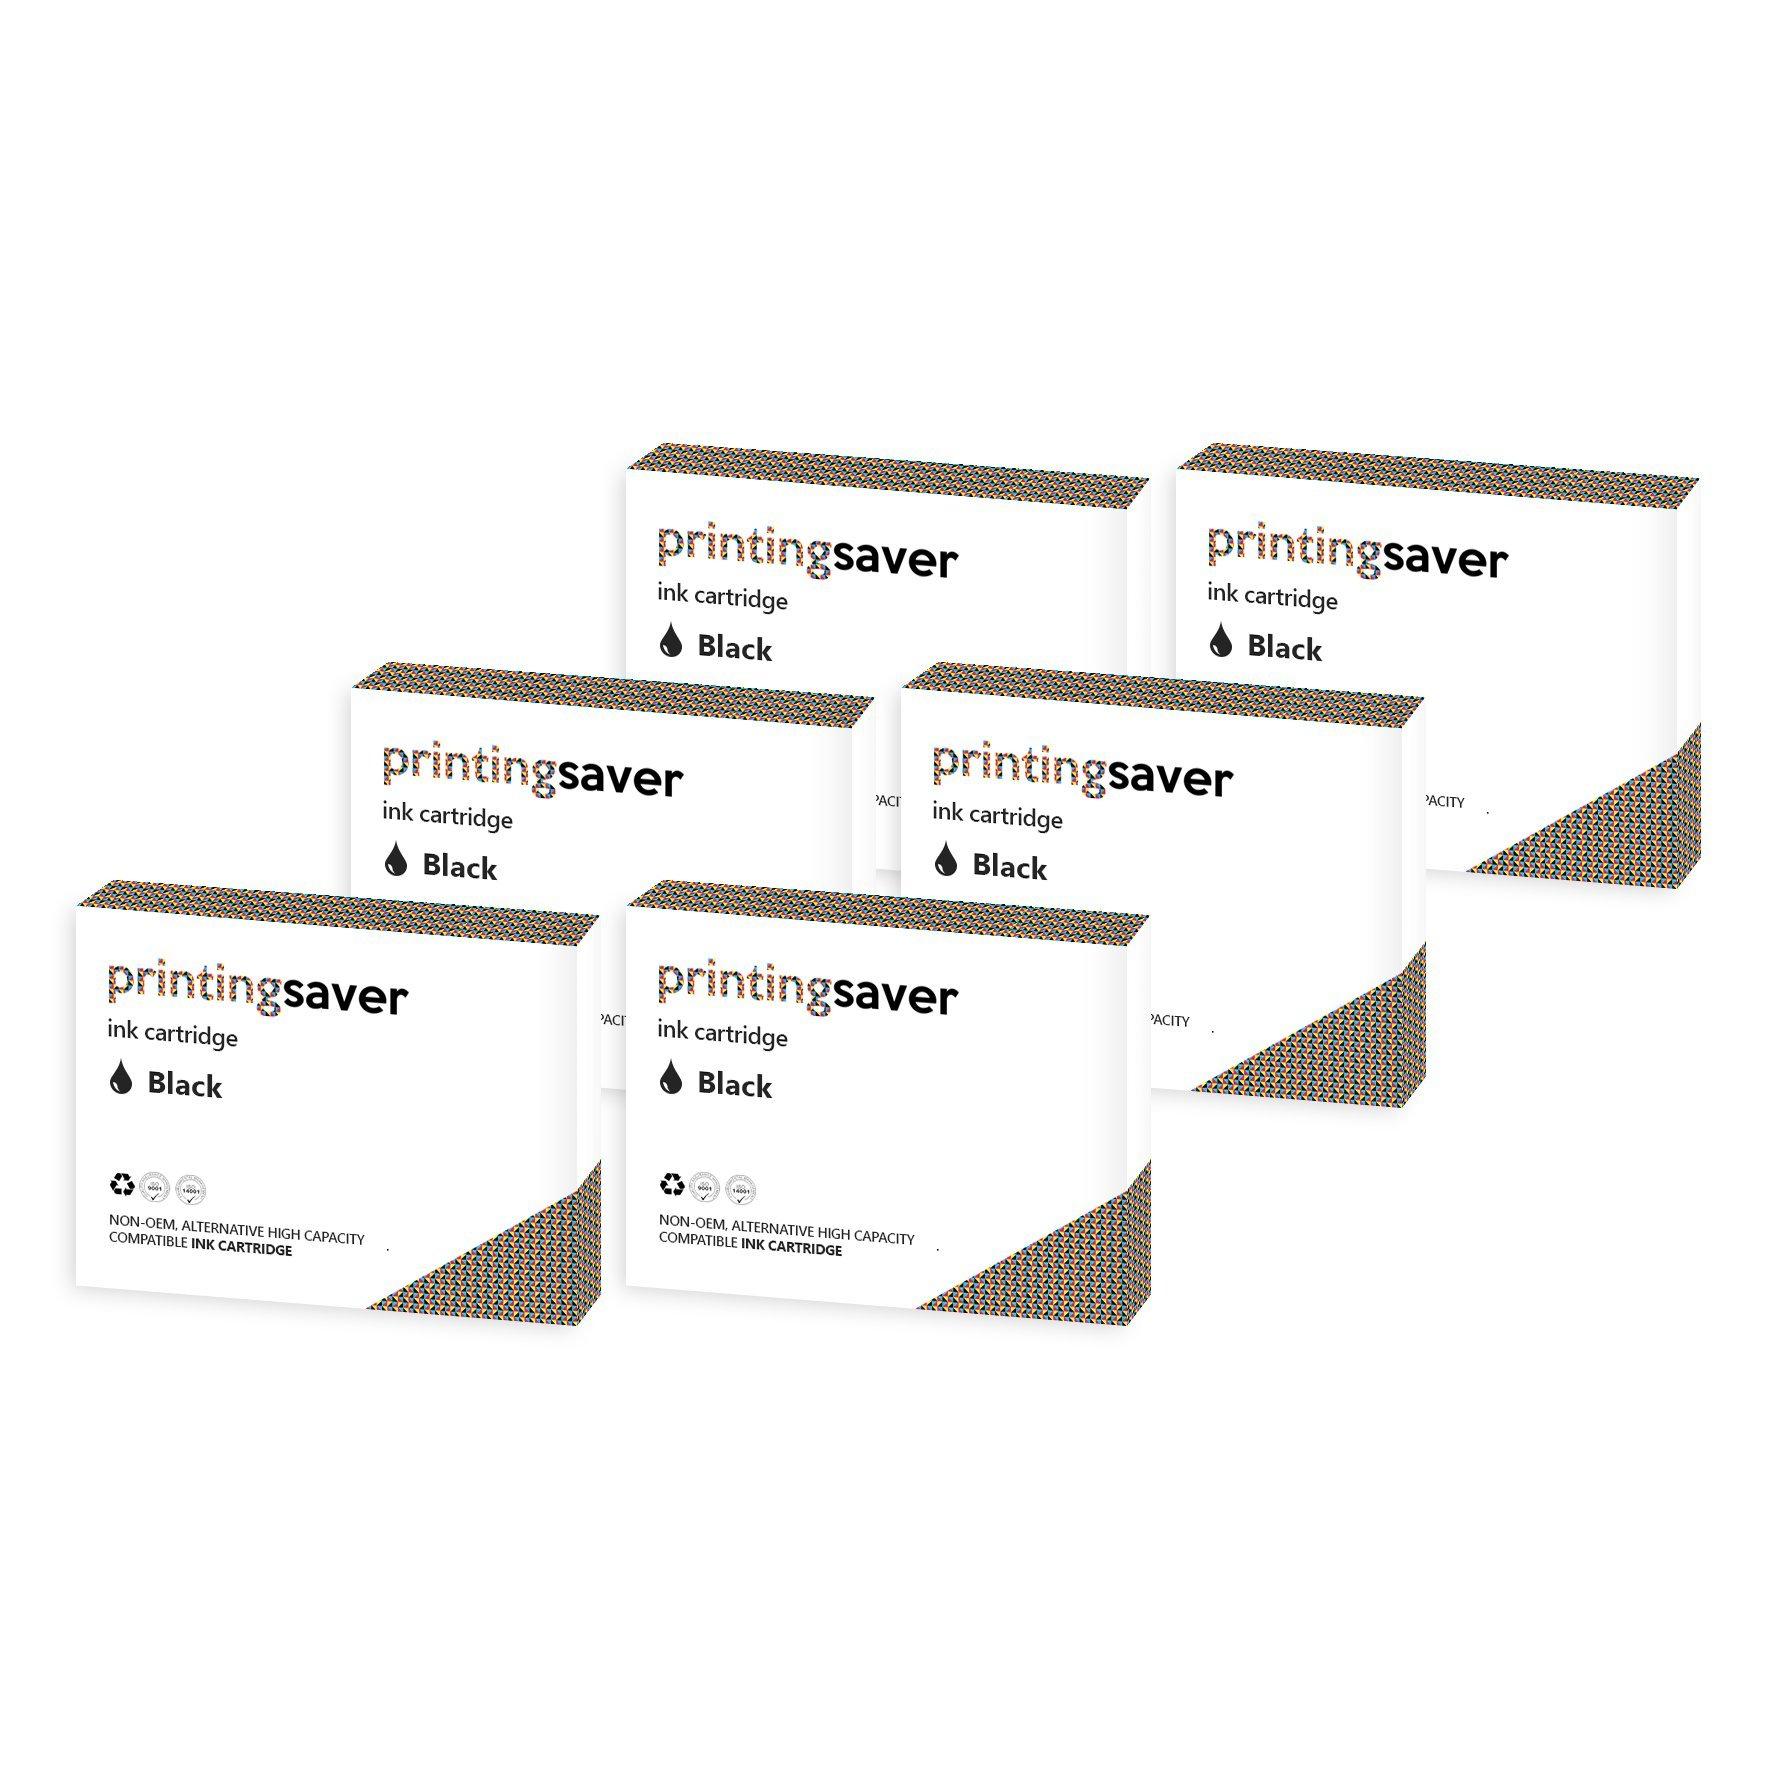 6xNERO cartucce d'inchiostro compatibili per EPSON WorkForce WF-3620DWF, WF-3640DTWF, WF-7110DTW, W